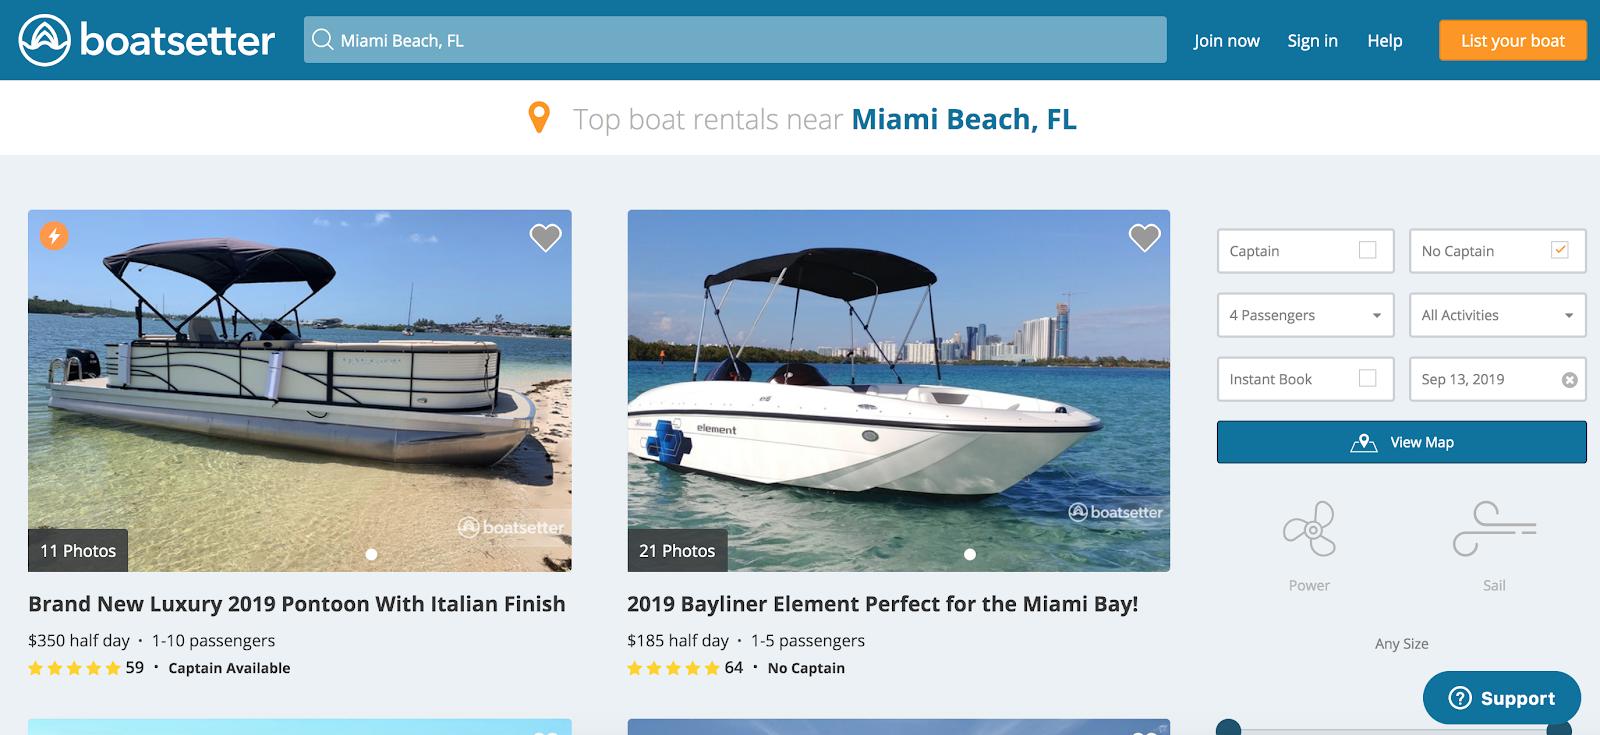 Resultados de búsqueda de Boatsetter en Miami